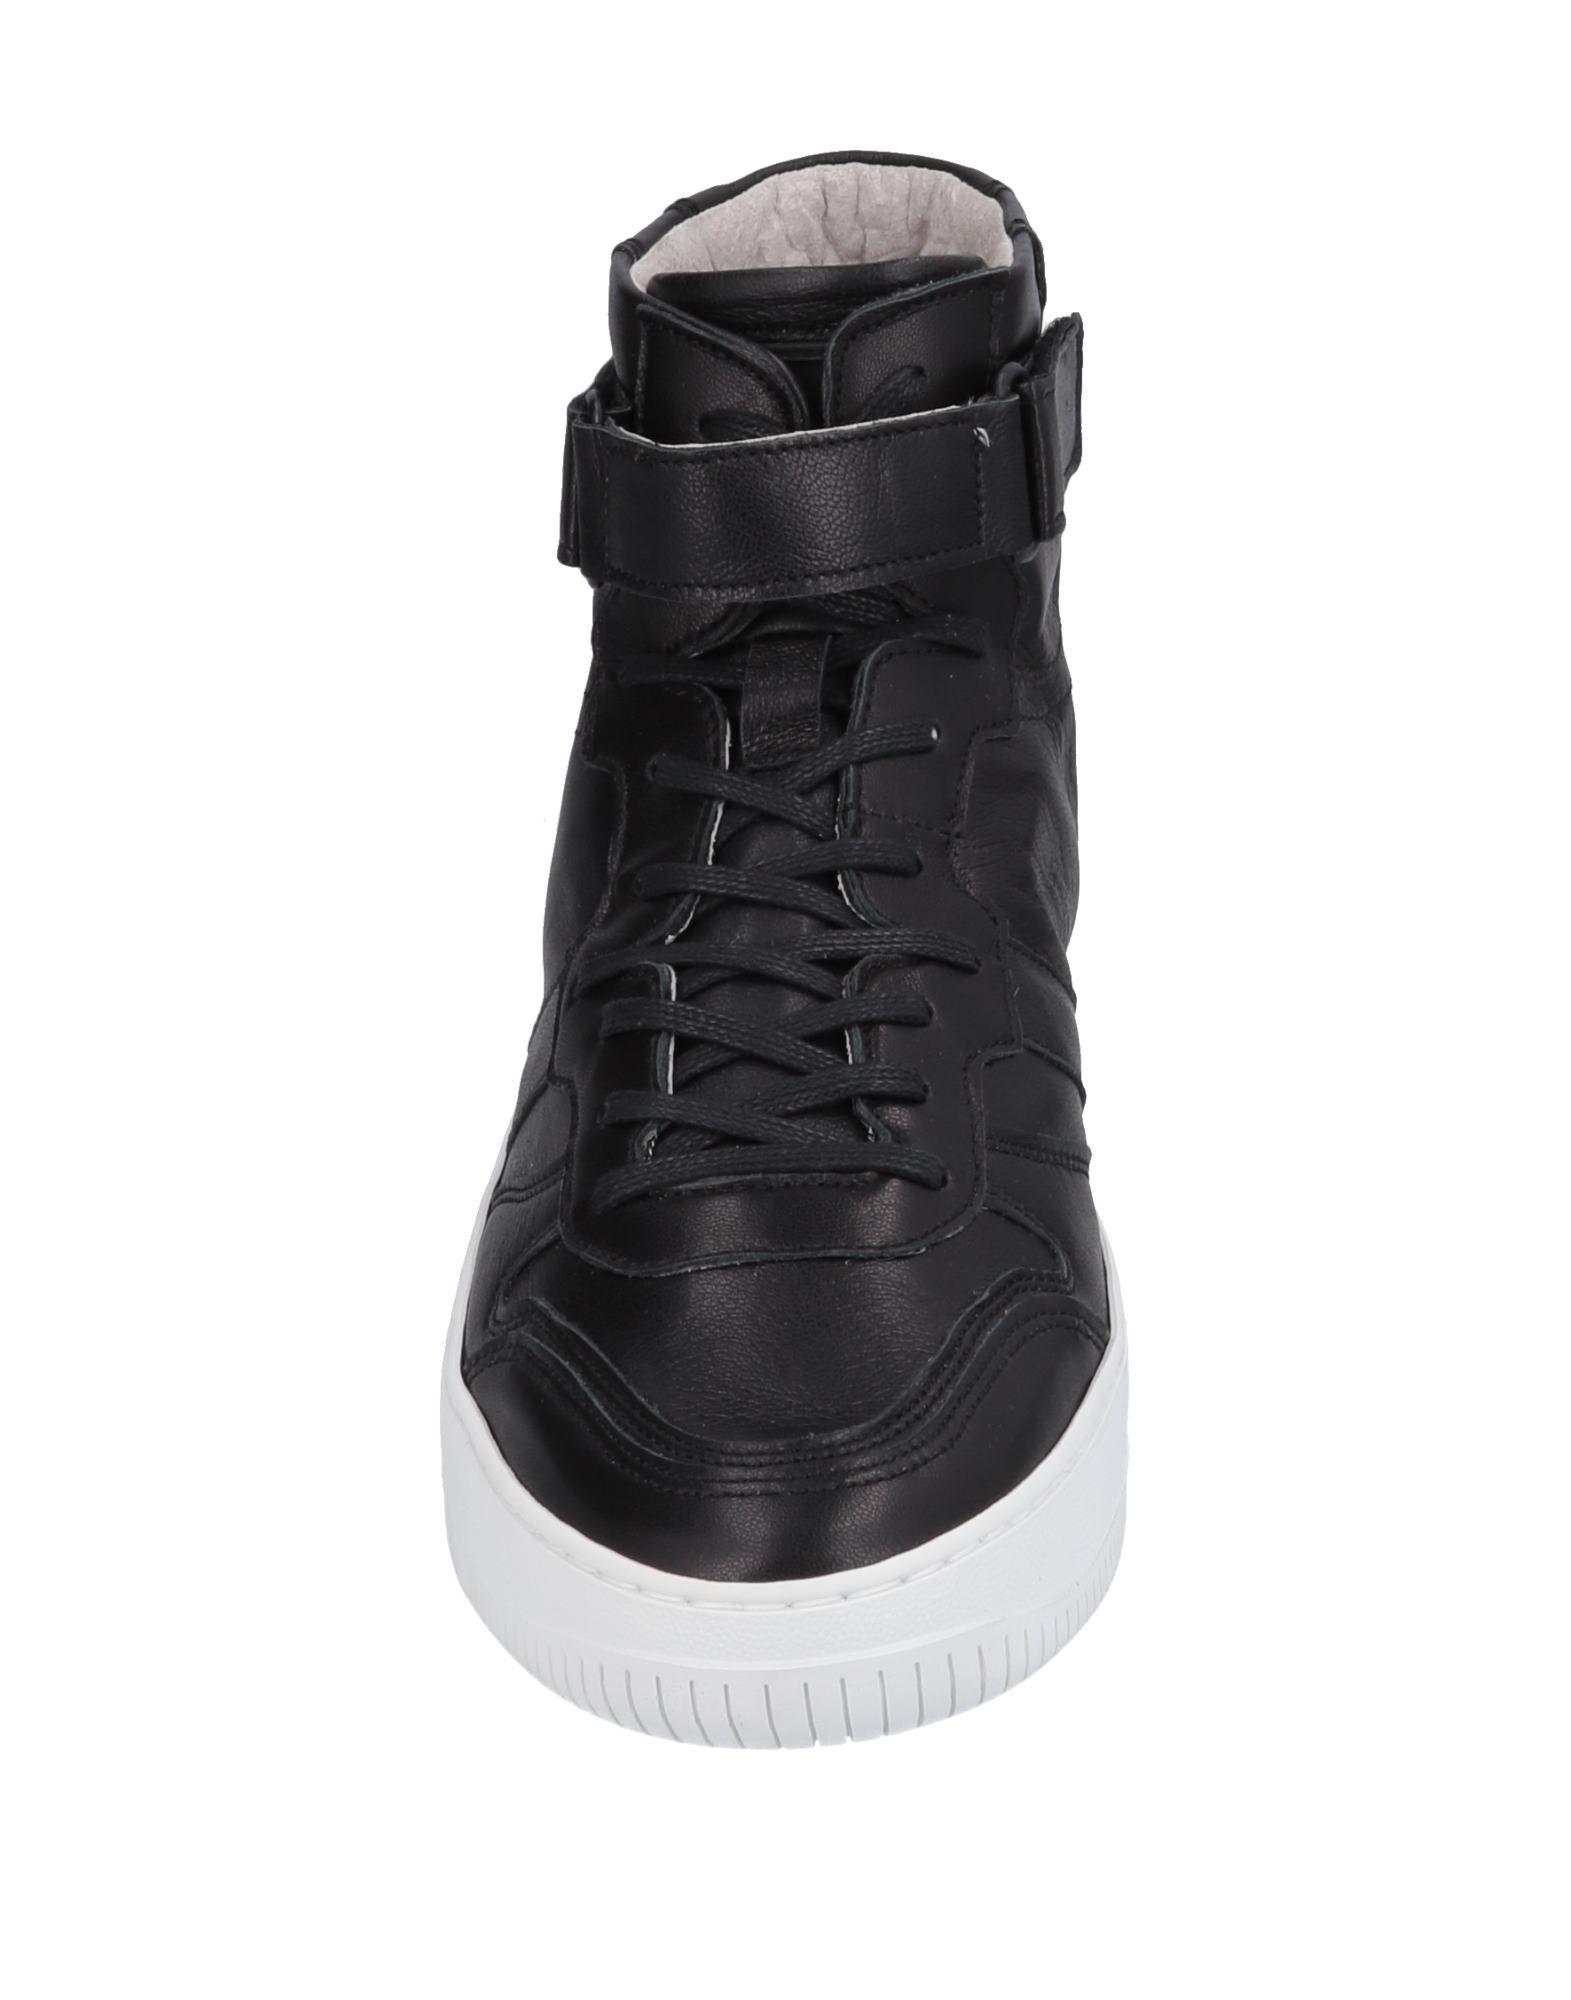 Rabatt echte  Schuhe D.A.T.E. Sneakers Herren  echte 11554579GU e97ddc